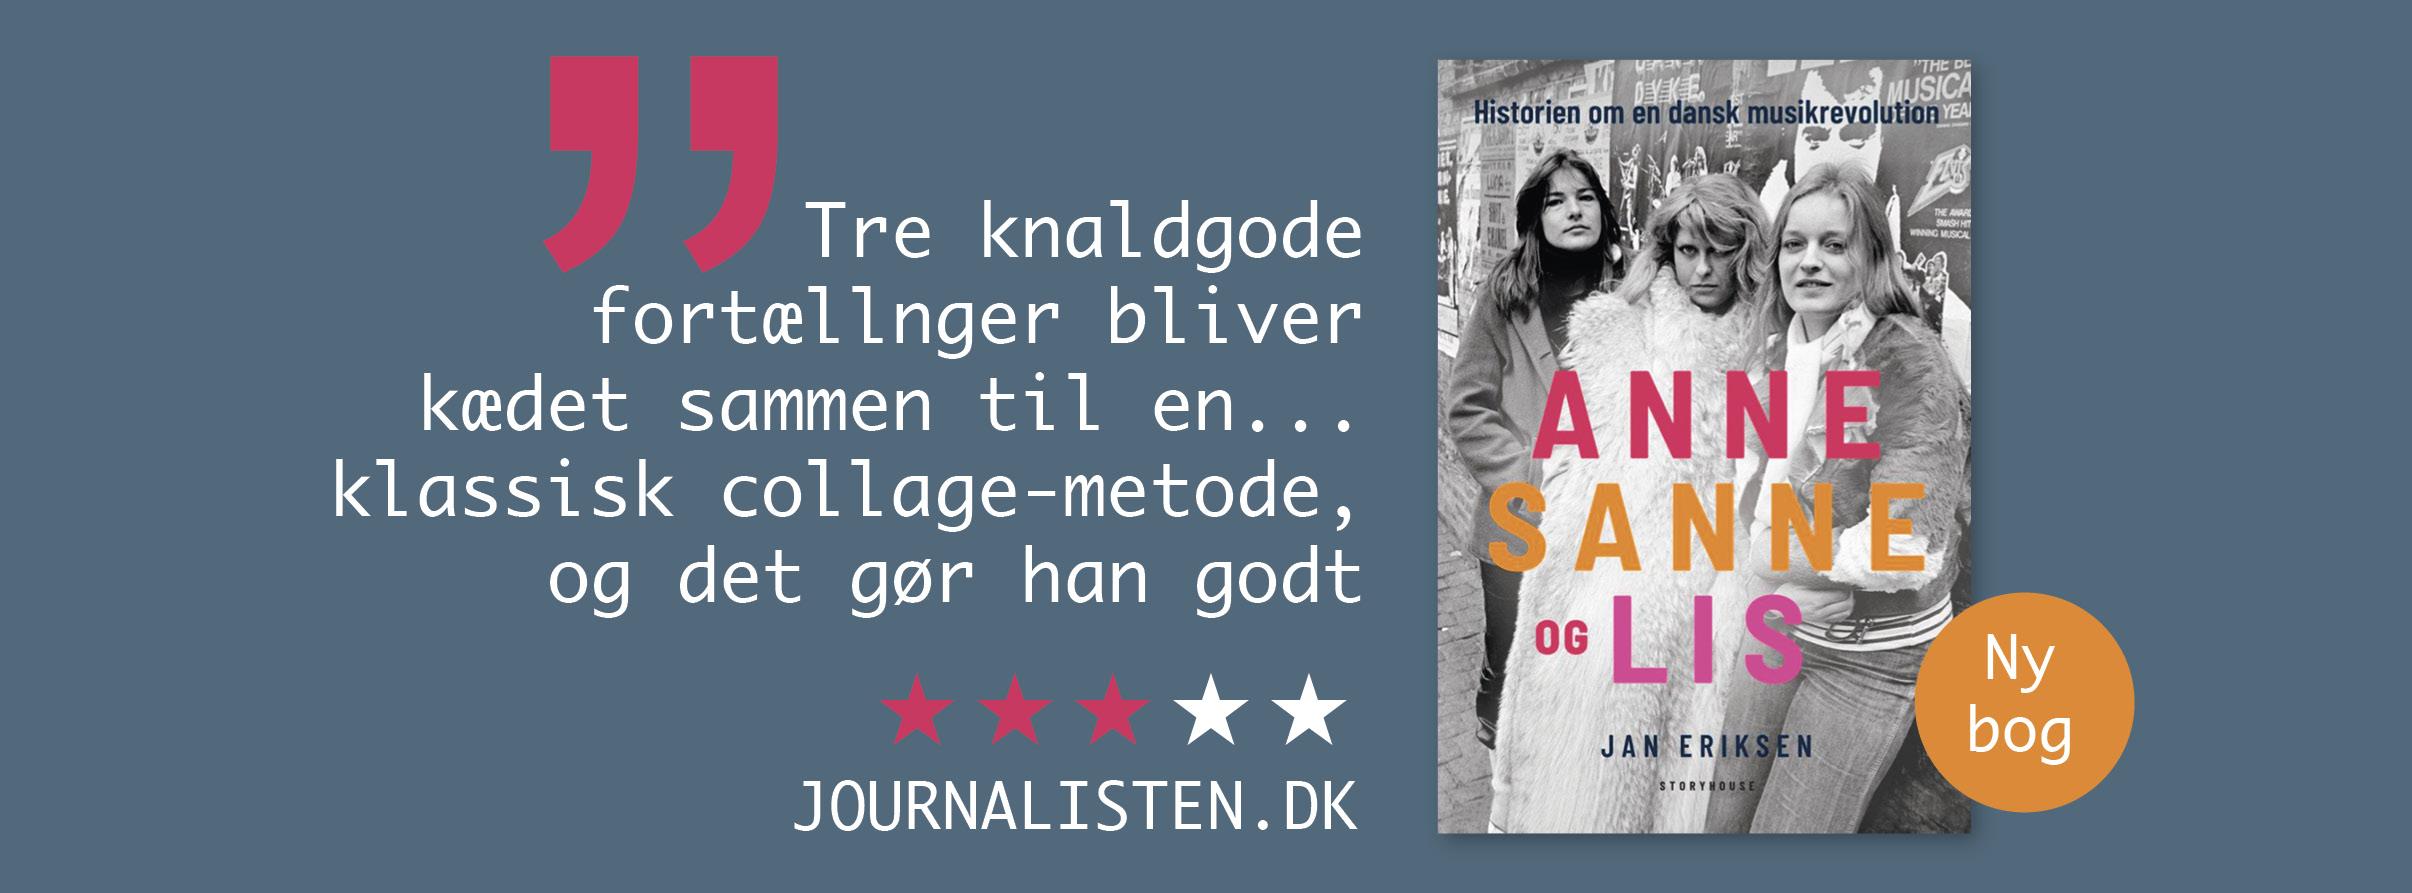 Journalisten.dk